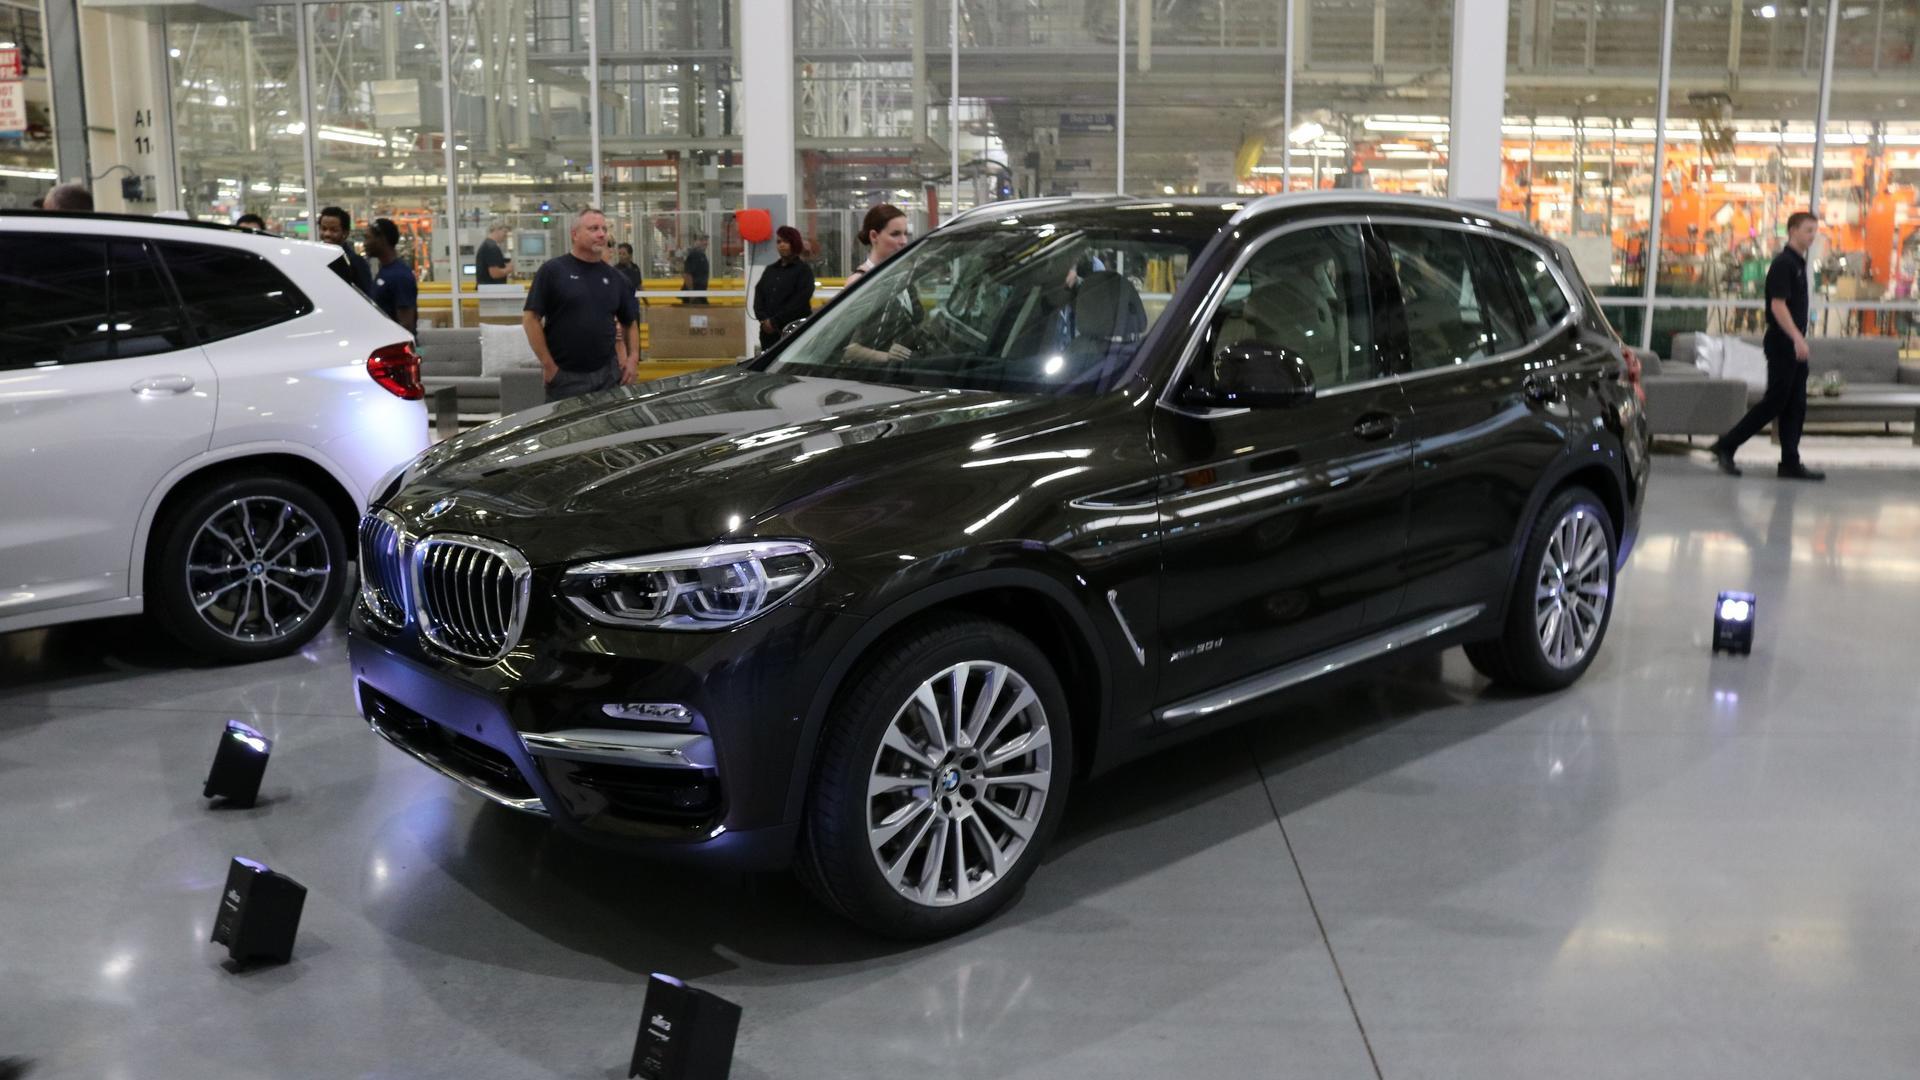 BMW X3 2018 — фотогалерея